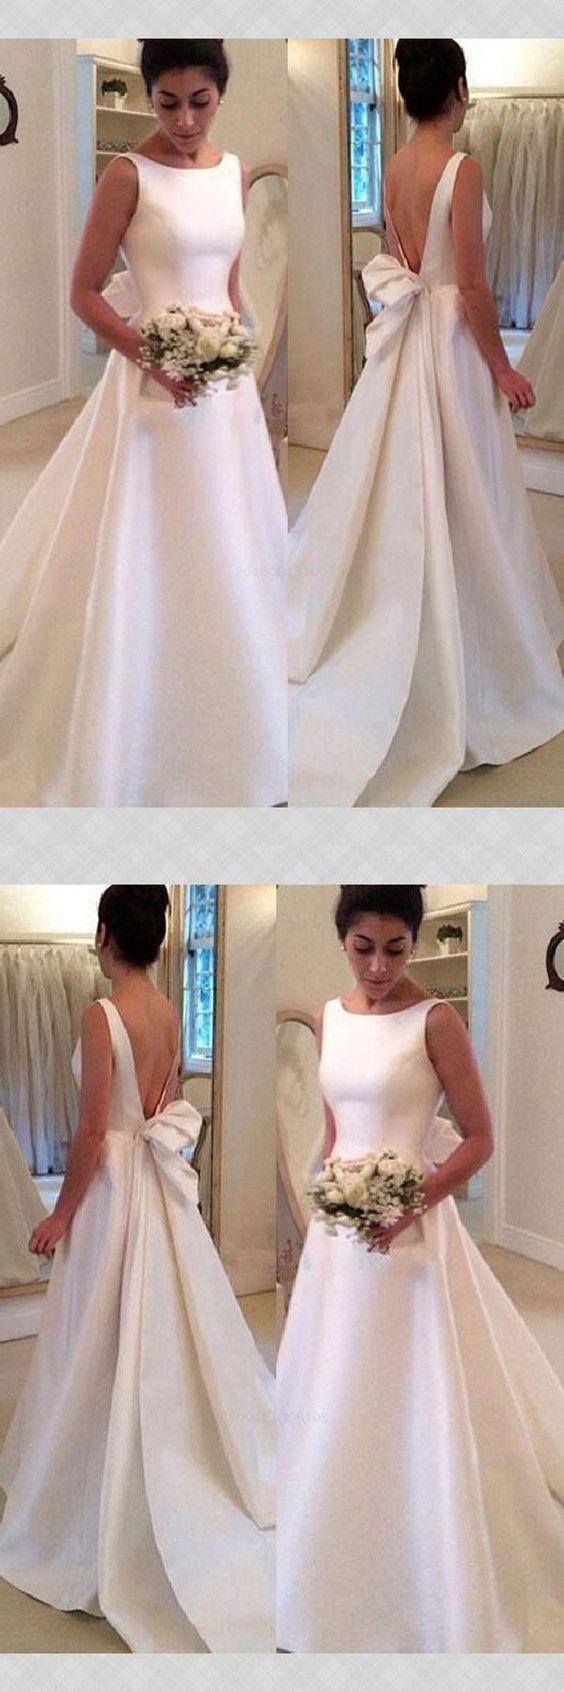 Prom dress long wedding dresses aline wedding dresses white in